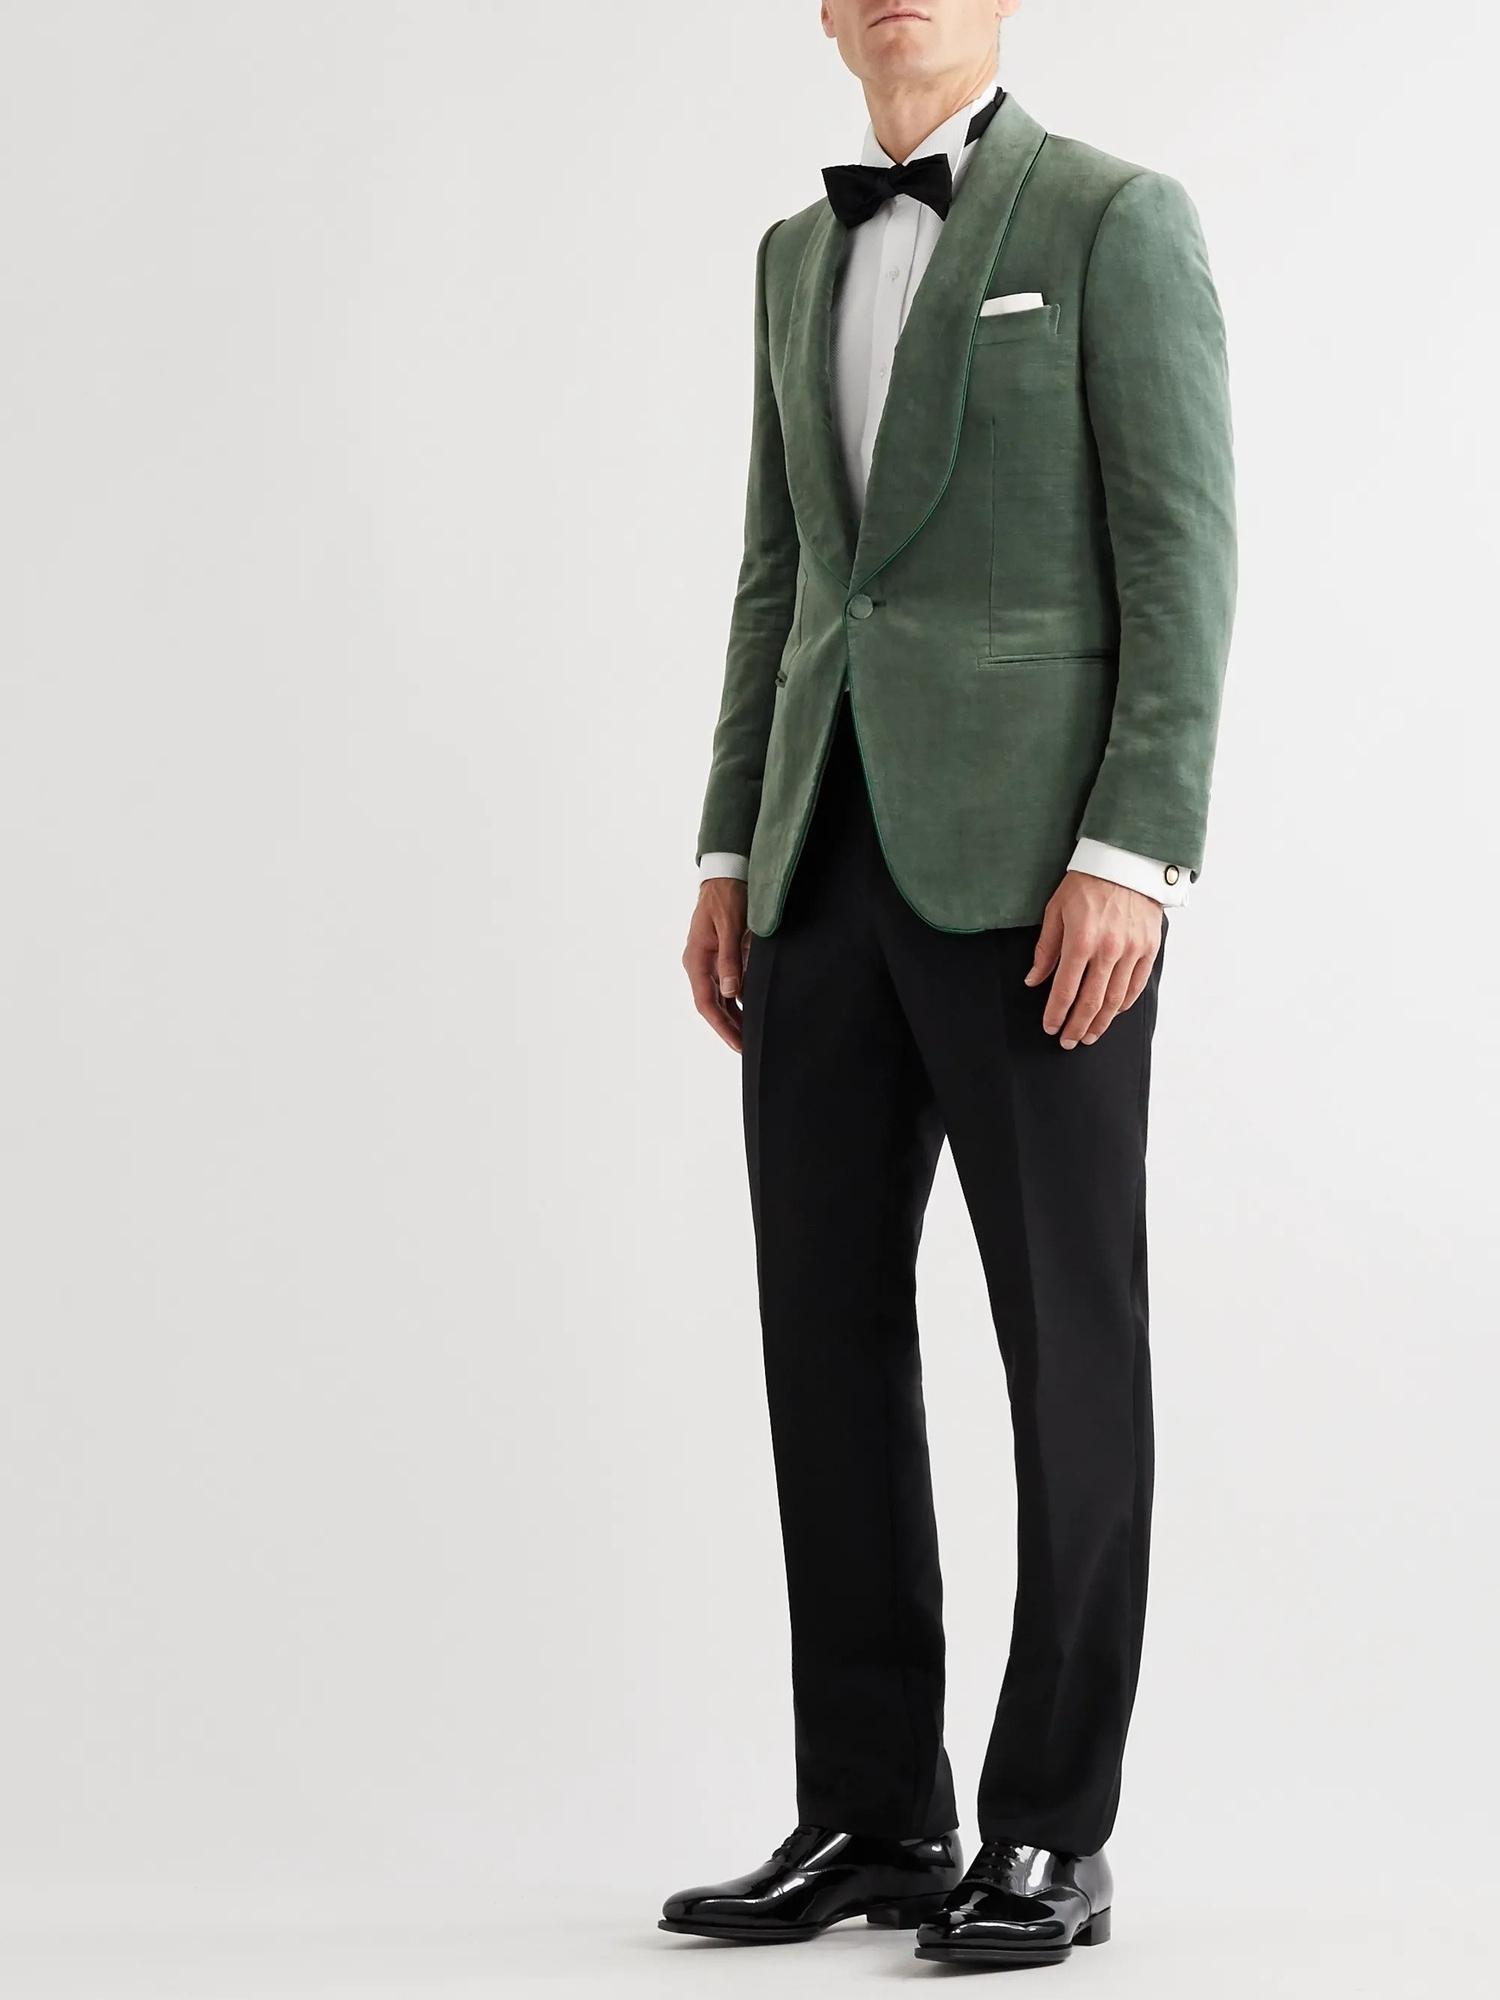 green groom suit jacket